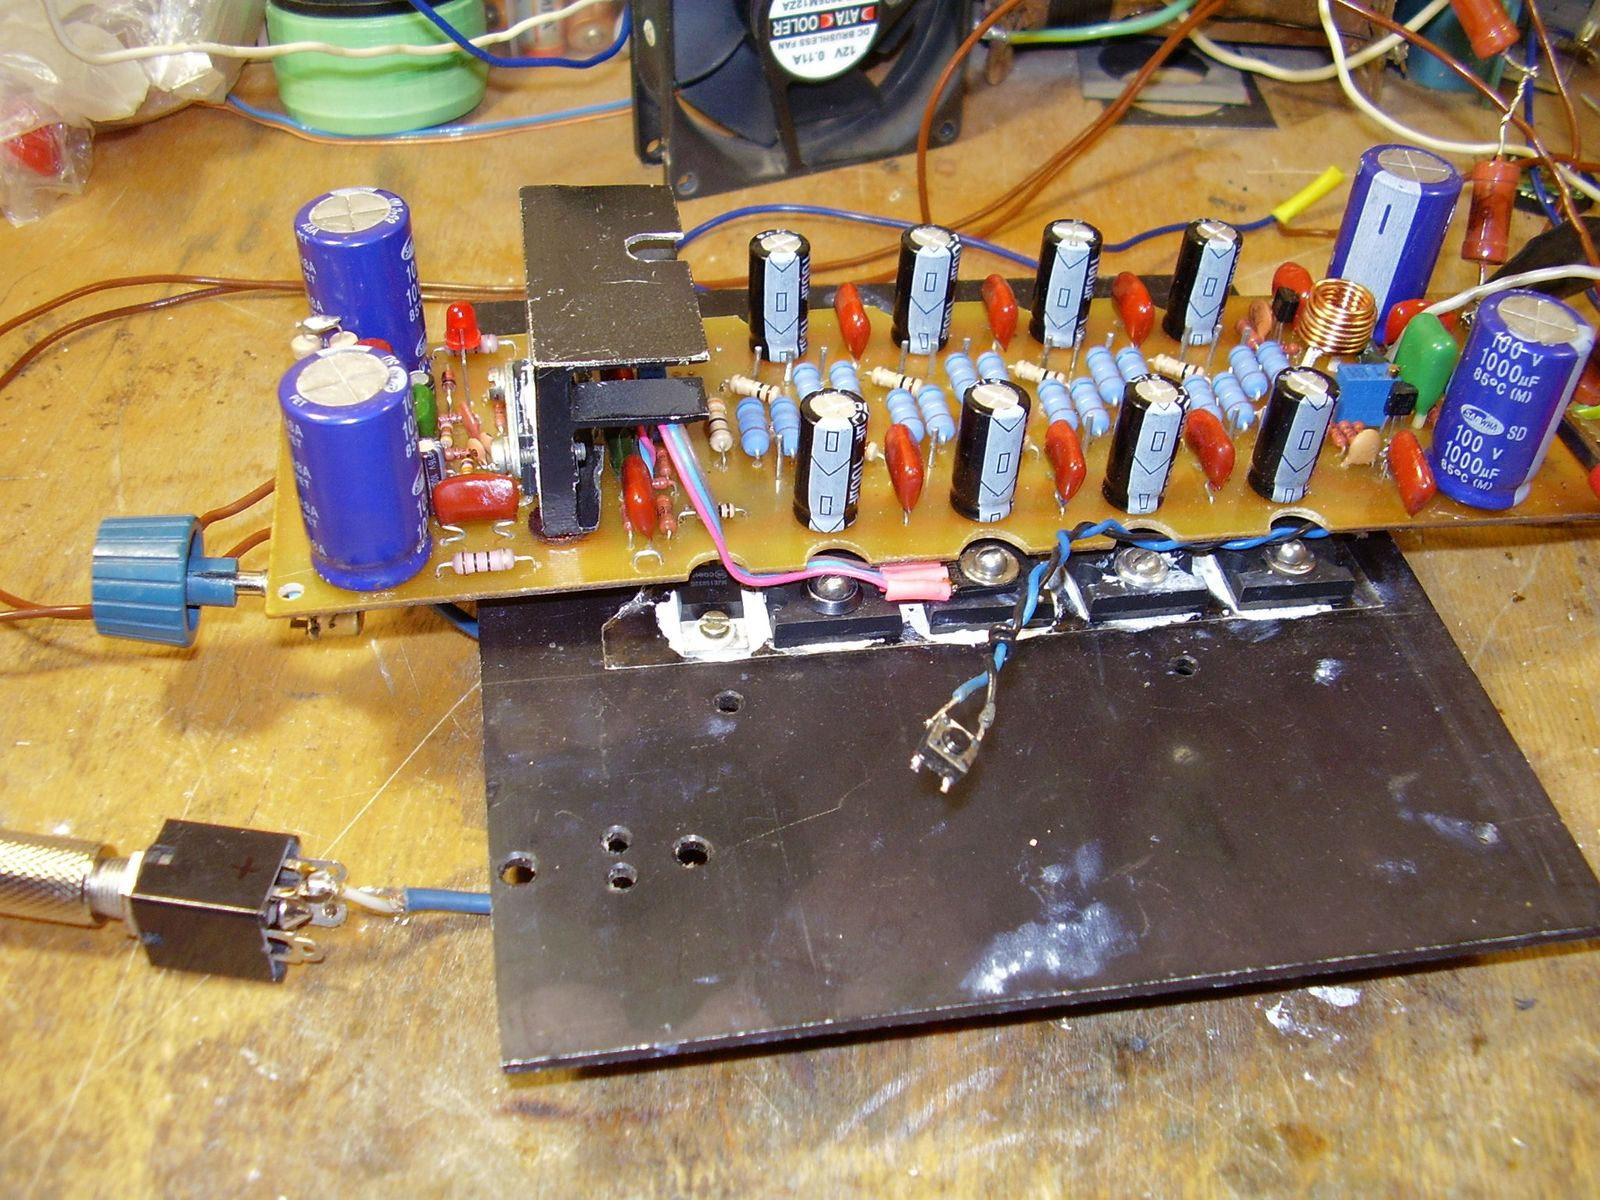 Умзч На Lme49810 - Страница 2 - Усилители мощности - Форум по радиоэлектронике